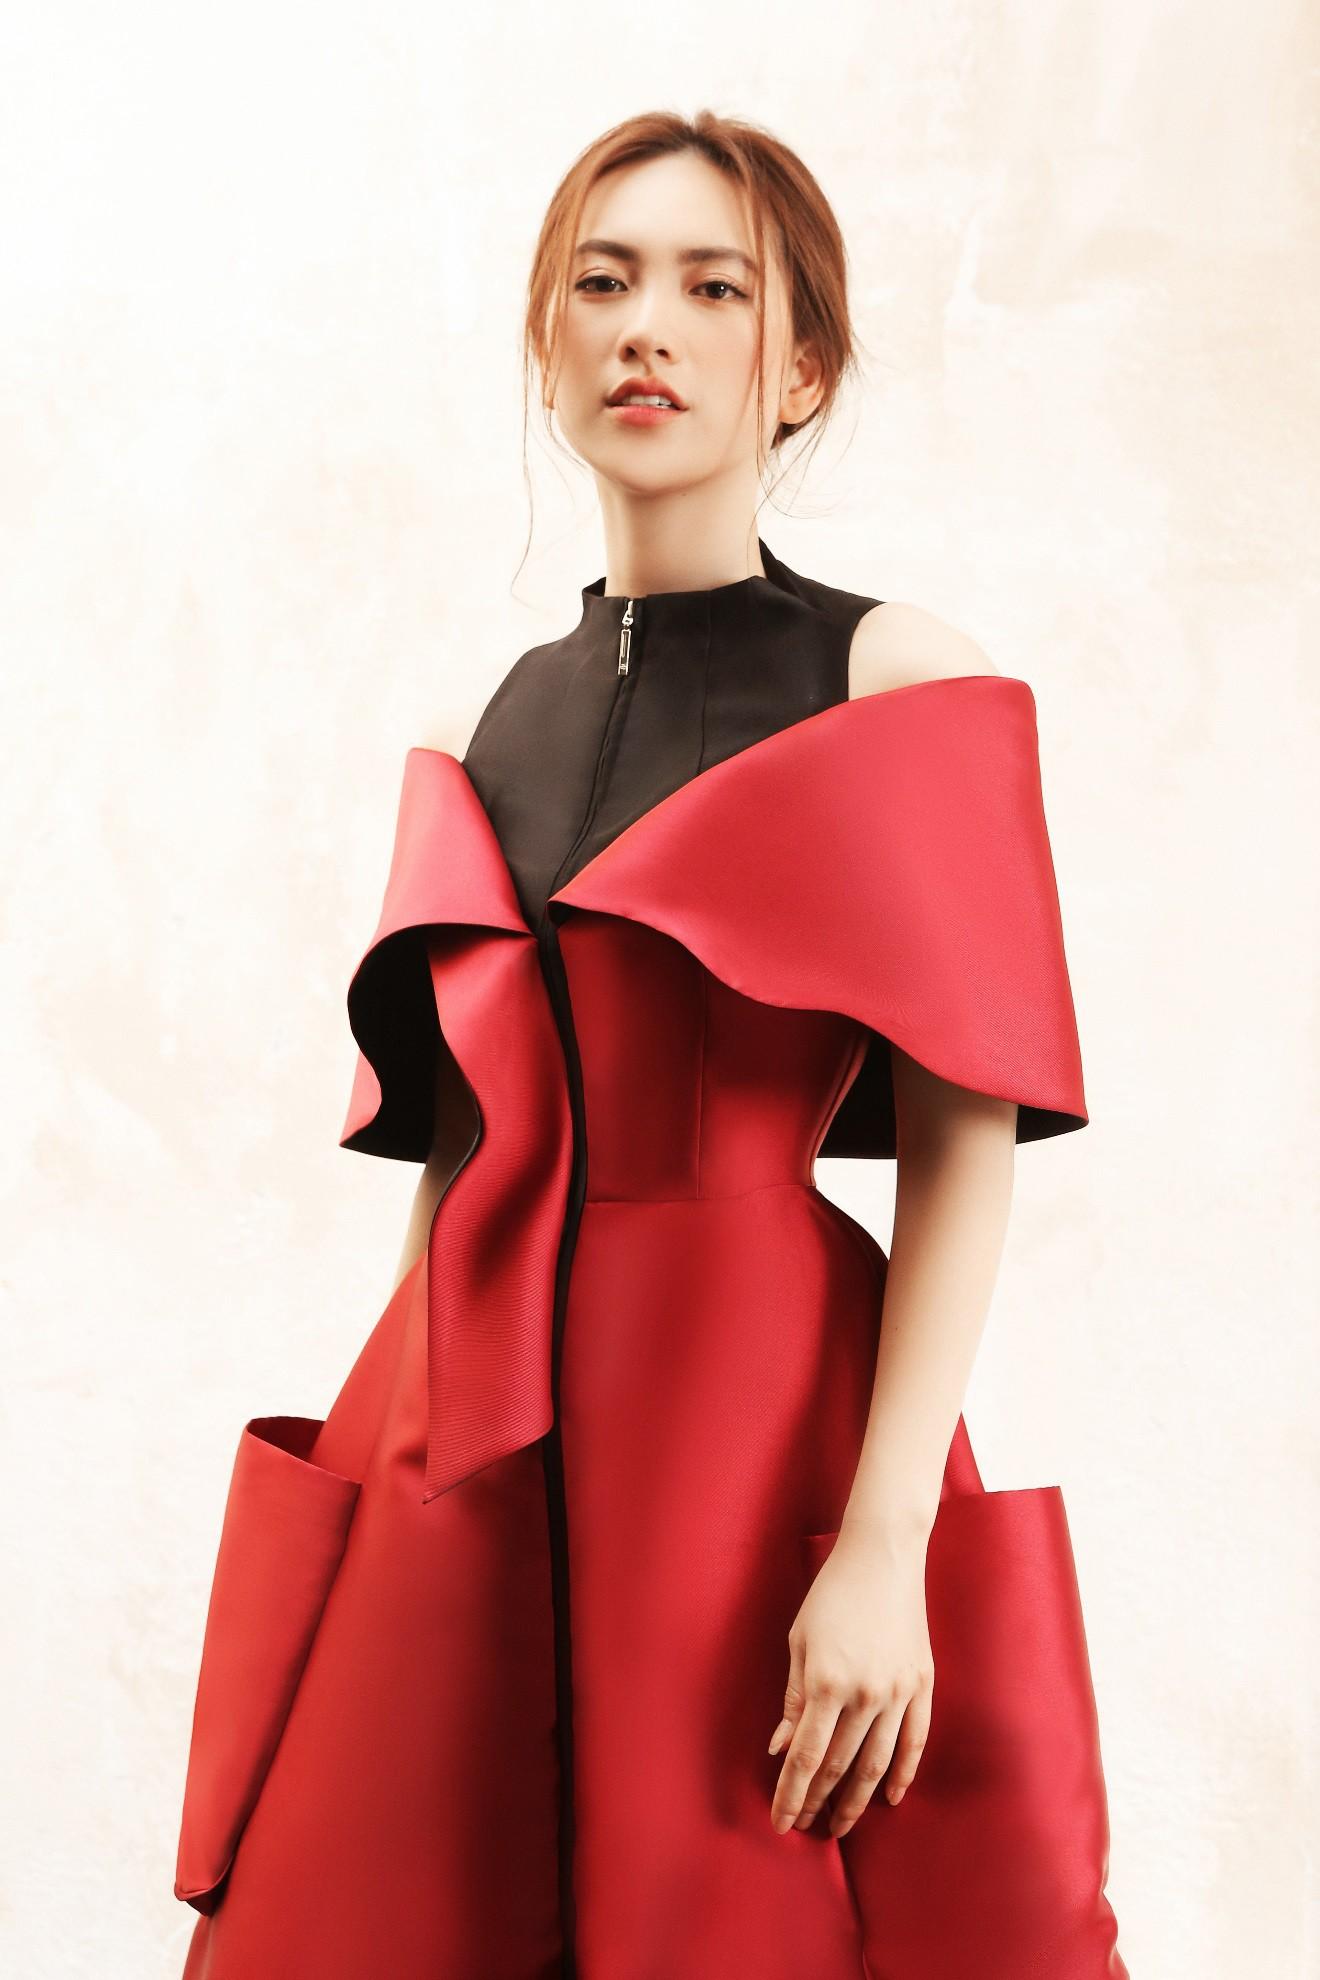 """Sau """"Chàng vợ của em"""", Phương Anh Đào đầy xinh đẹp, cuốn hút trong BST từng xuất hiện trên Vogue của PHUONG MY - Ảnh 4."""